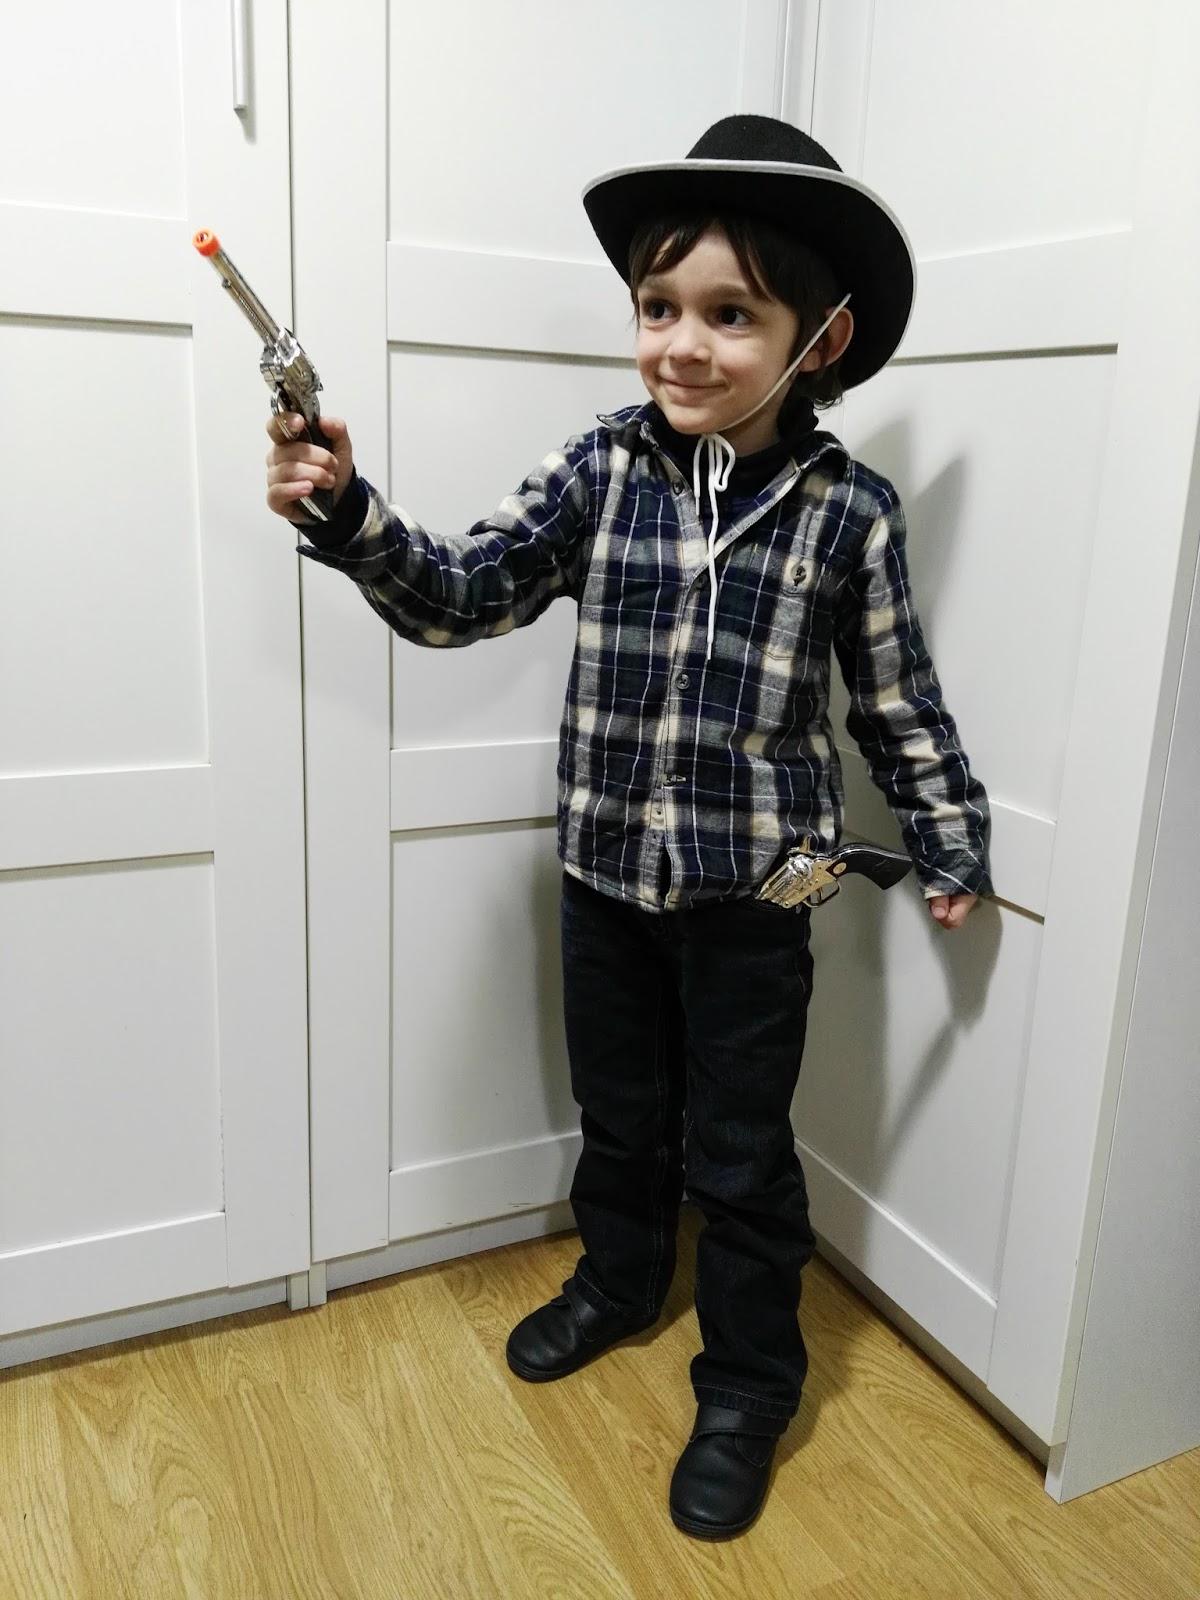 31a3a85afa841 Para los pies unas botas y como accesorios podemos comprar un sombrero  típico de vaquero y unas pistolas. Si disponemos de un pañuelo también  podemos ...